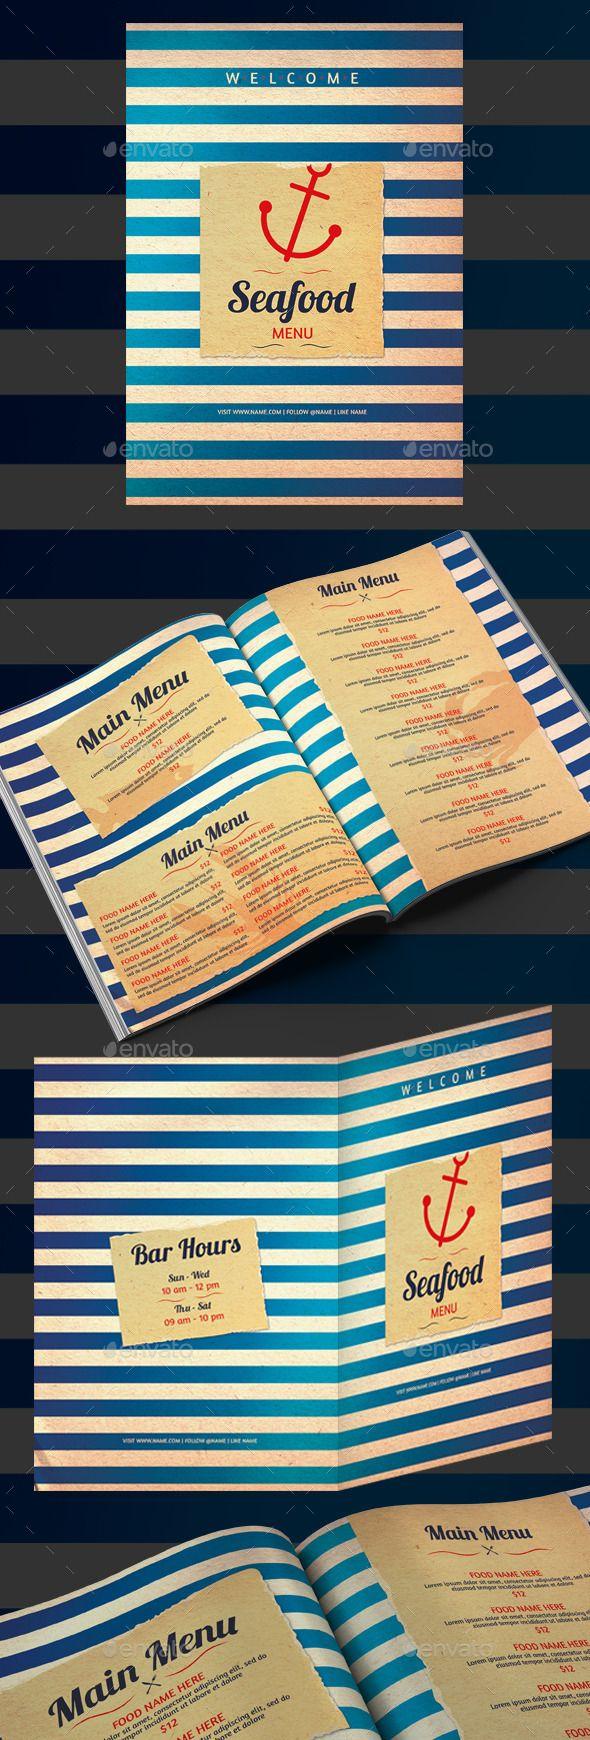 15 best Chi\'lantro images on Pinterest | Flyer design, Food menu and ...